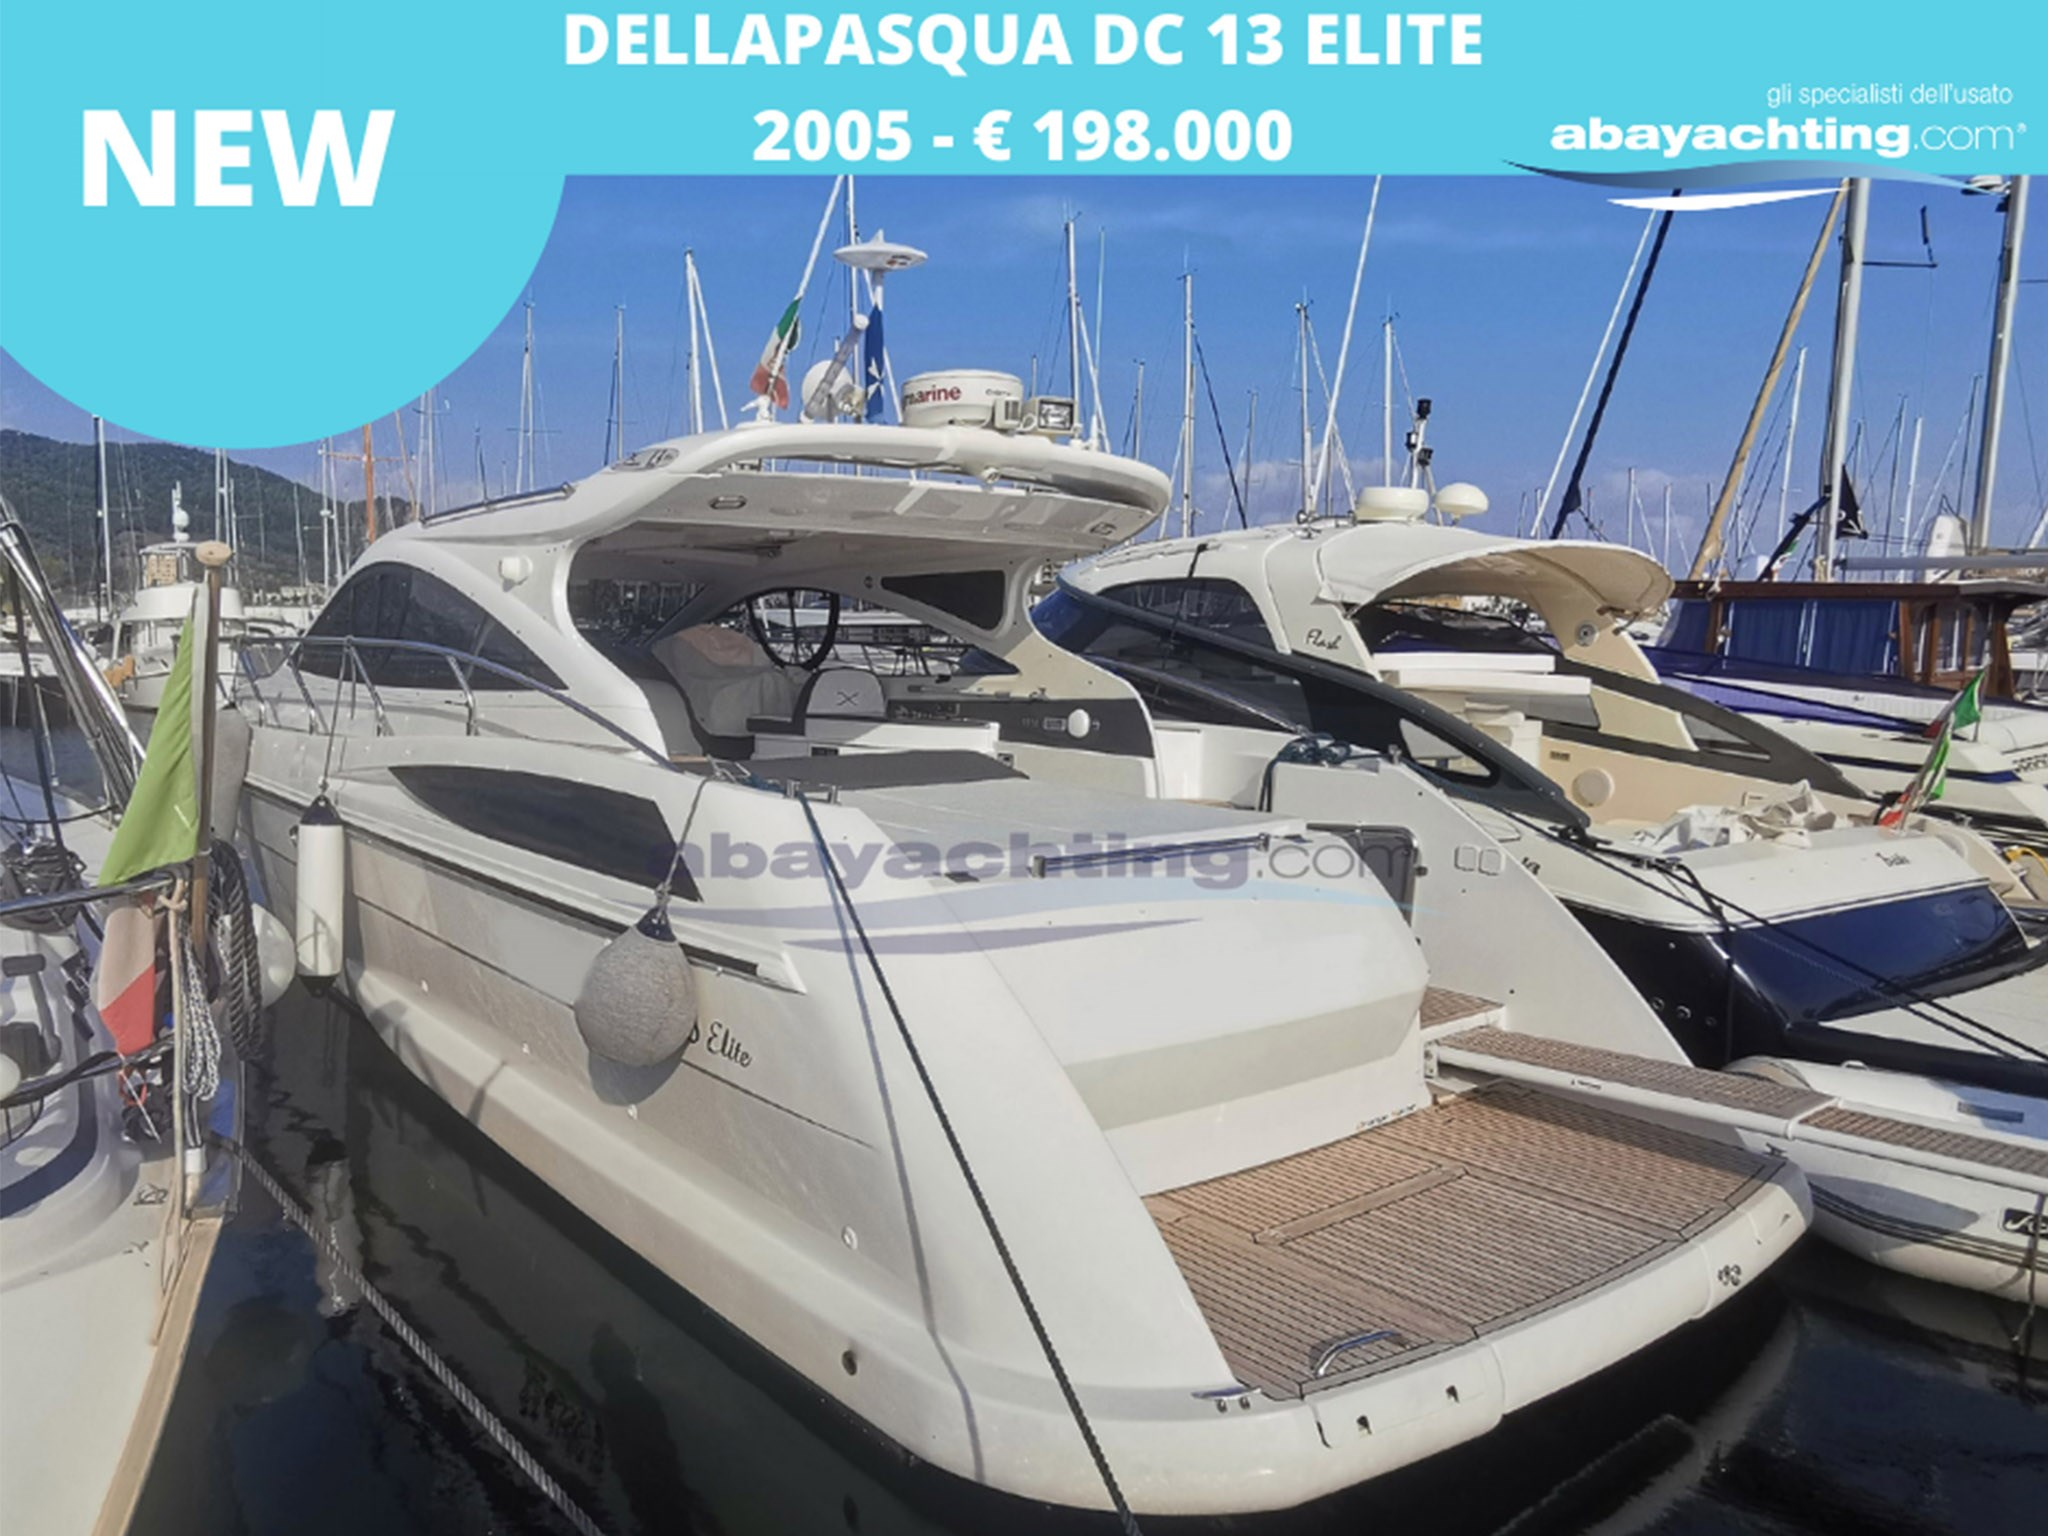 New arrival Dellapasqua DC 13 Elite